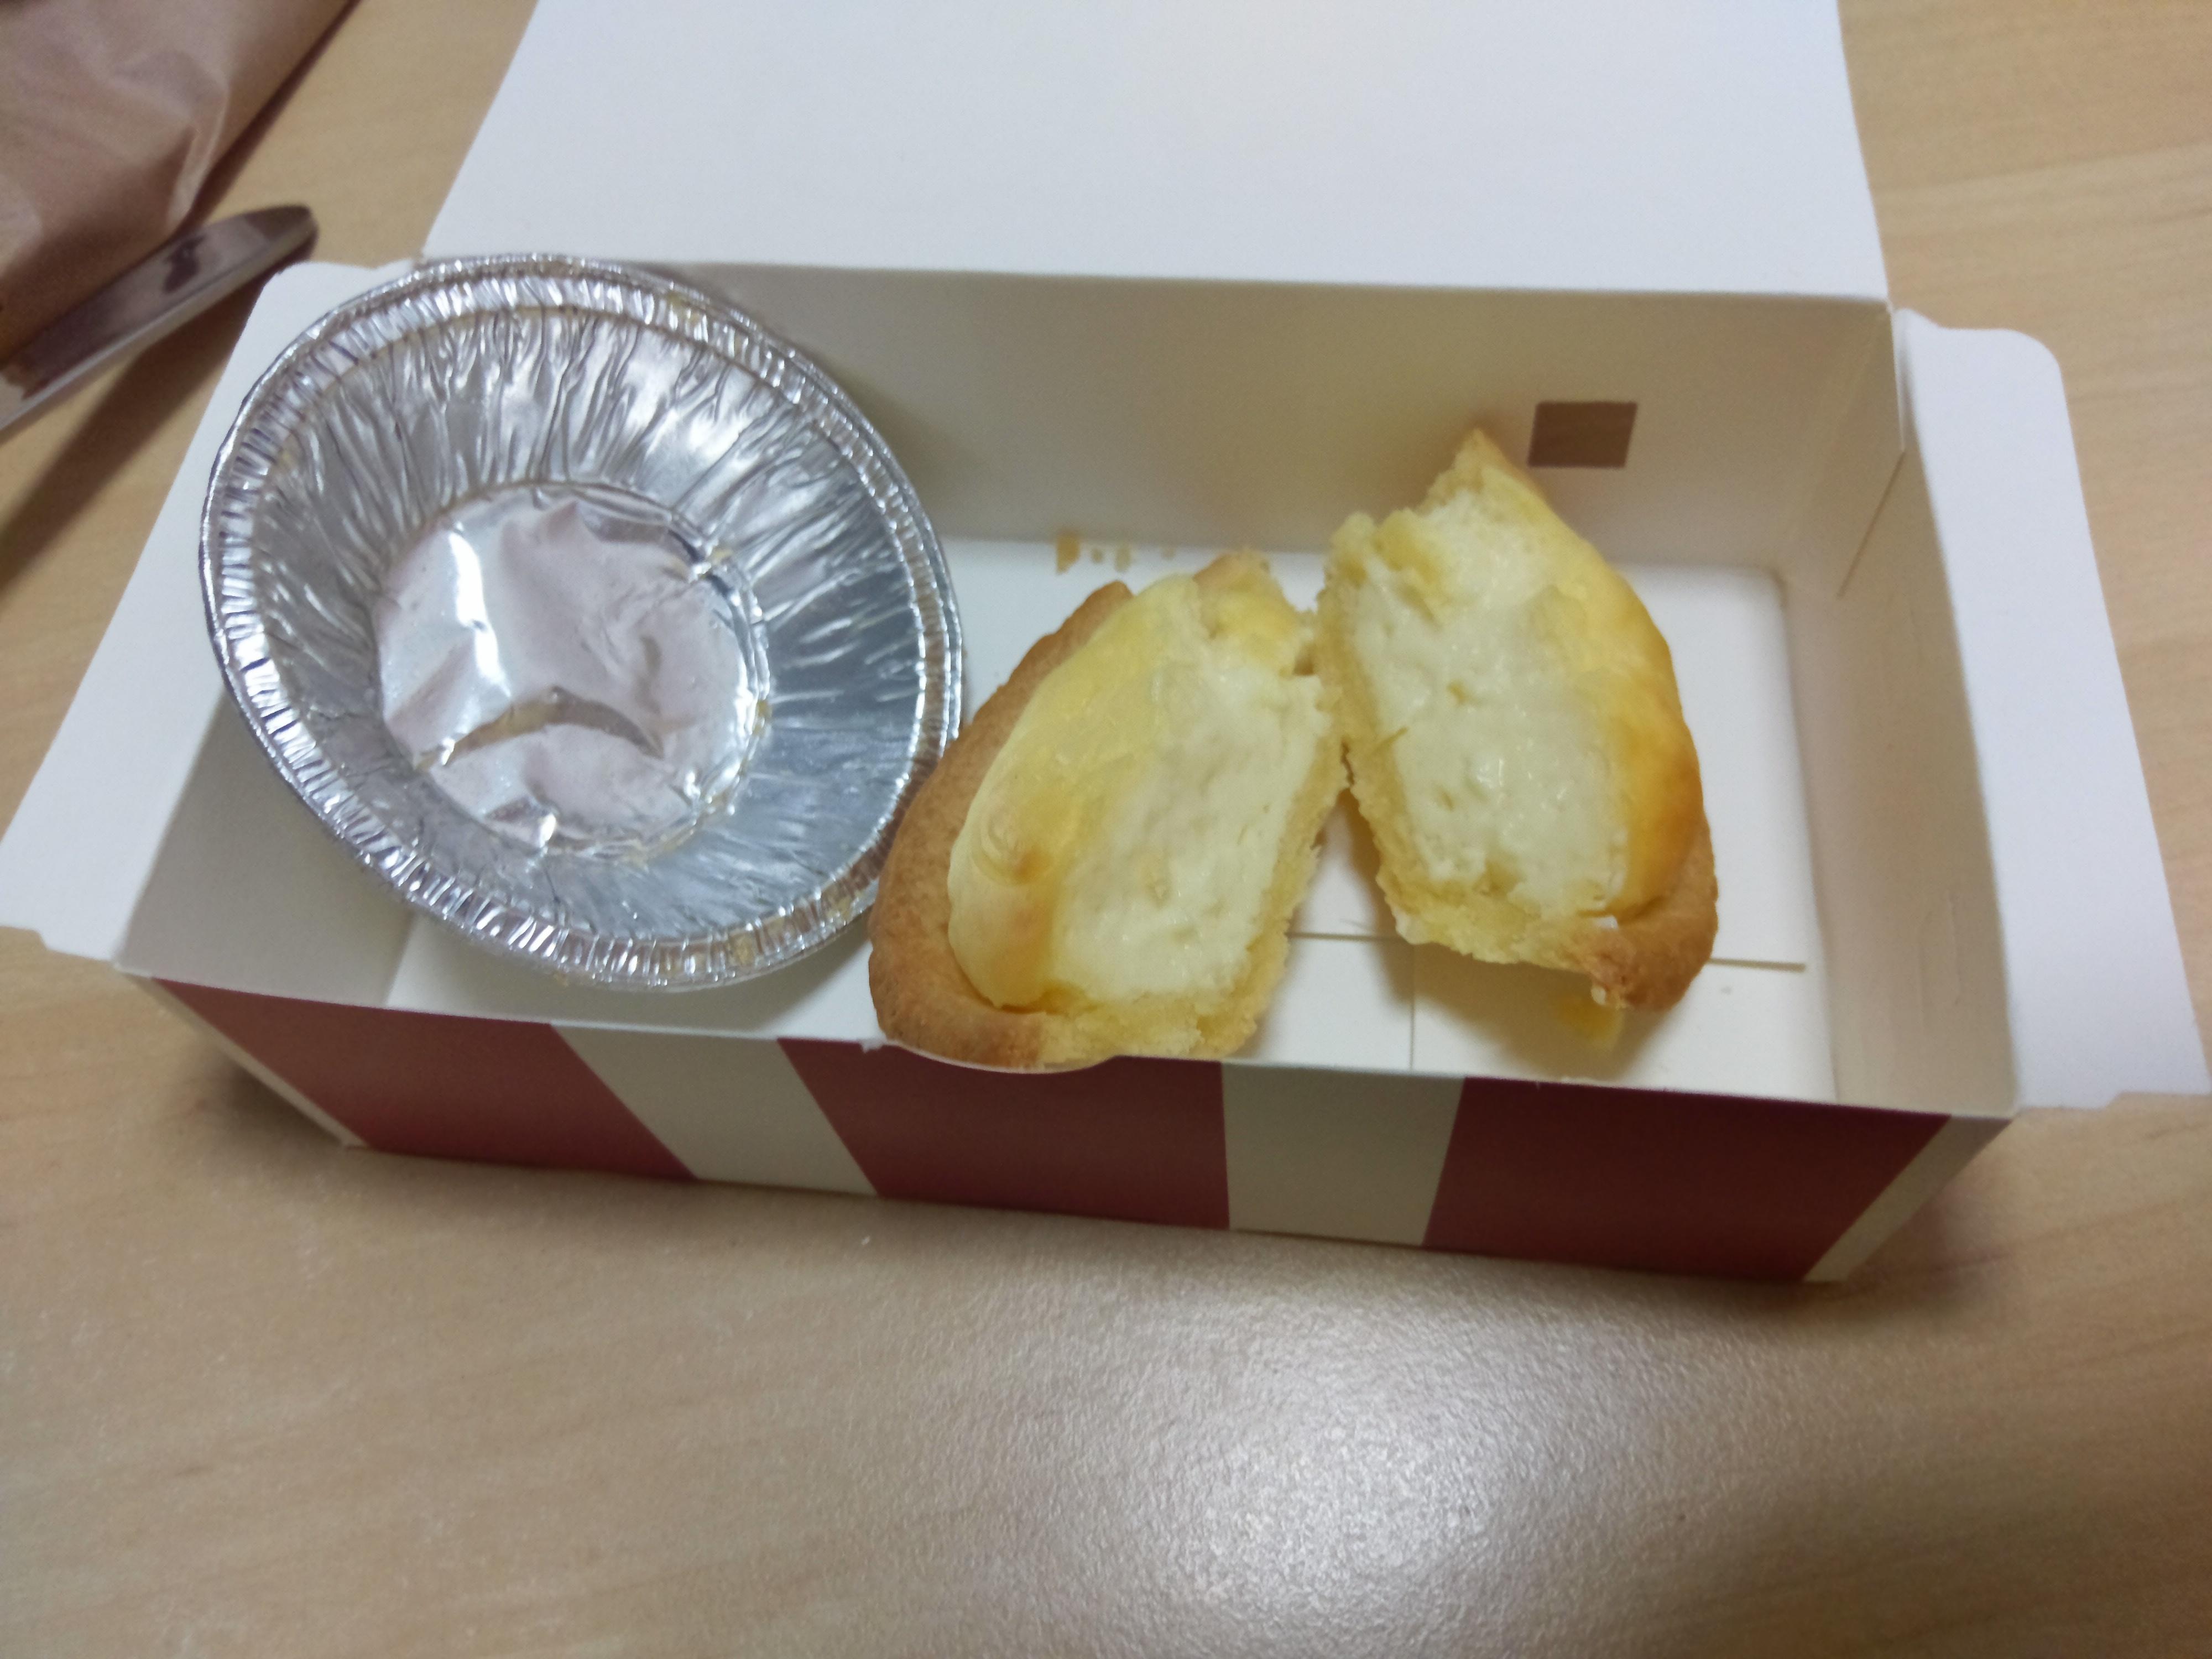 KFC Cheese tart